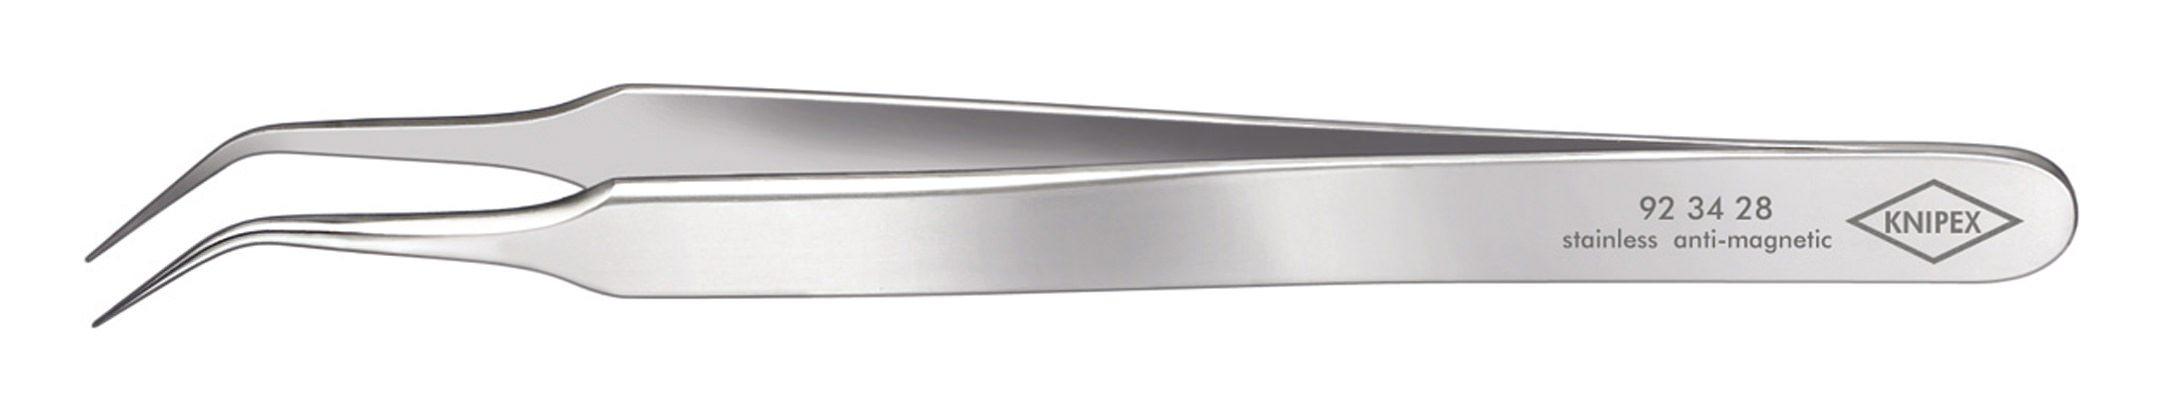 Knipex Präzisions-Pinzette Nadelf.geb 105mm rostfrei - 92 34 28